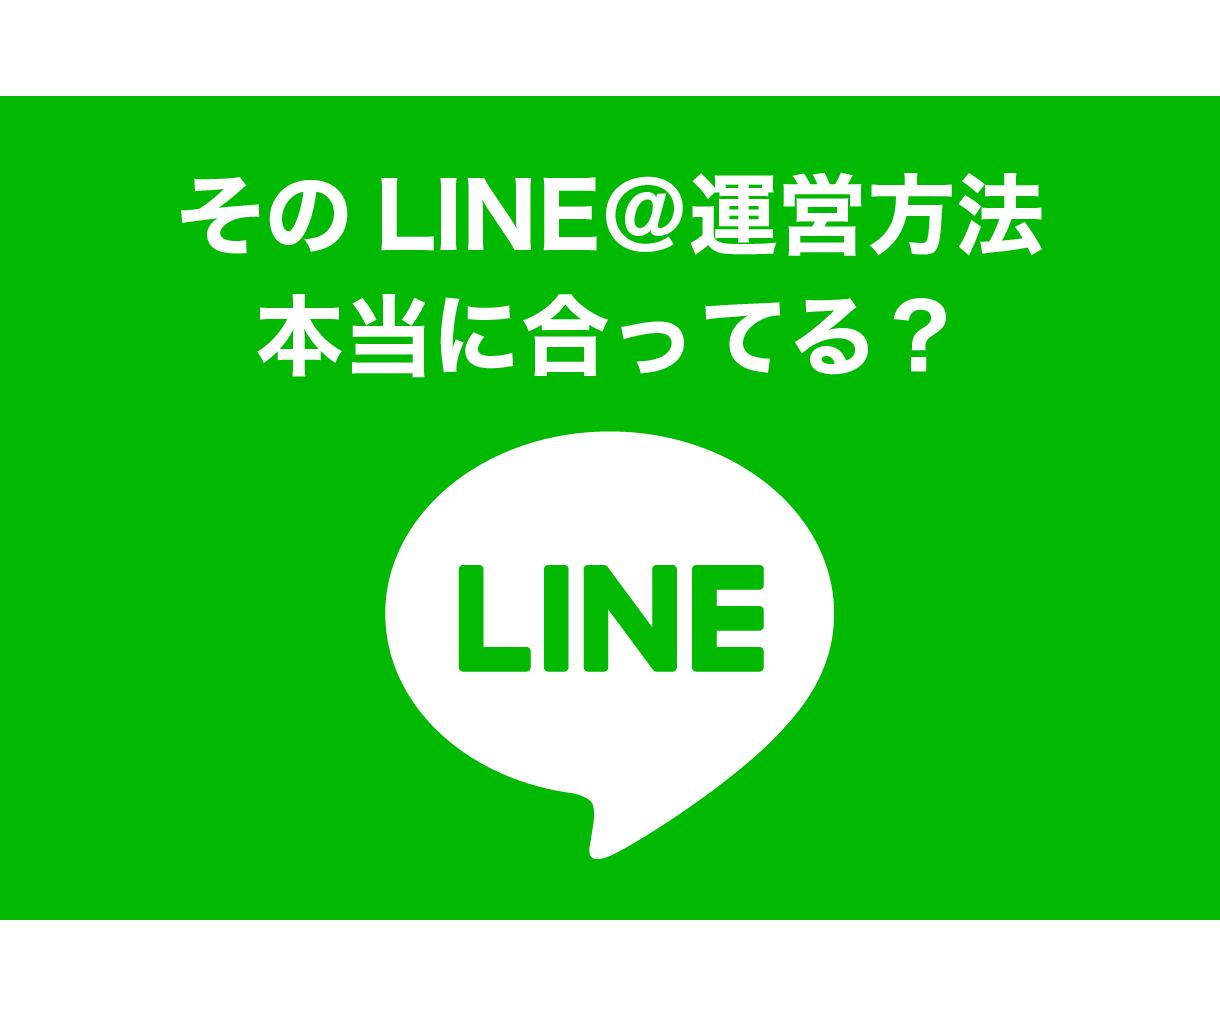 プロがLINEで用いるリッチメッセージ作成します 【即対応】10の文章よりも1の見やすいデザインを提供します イメージ1